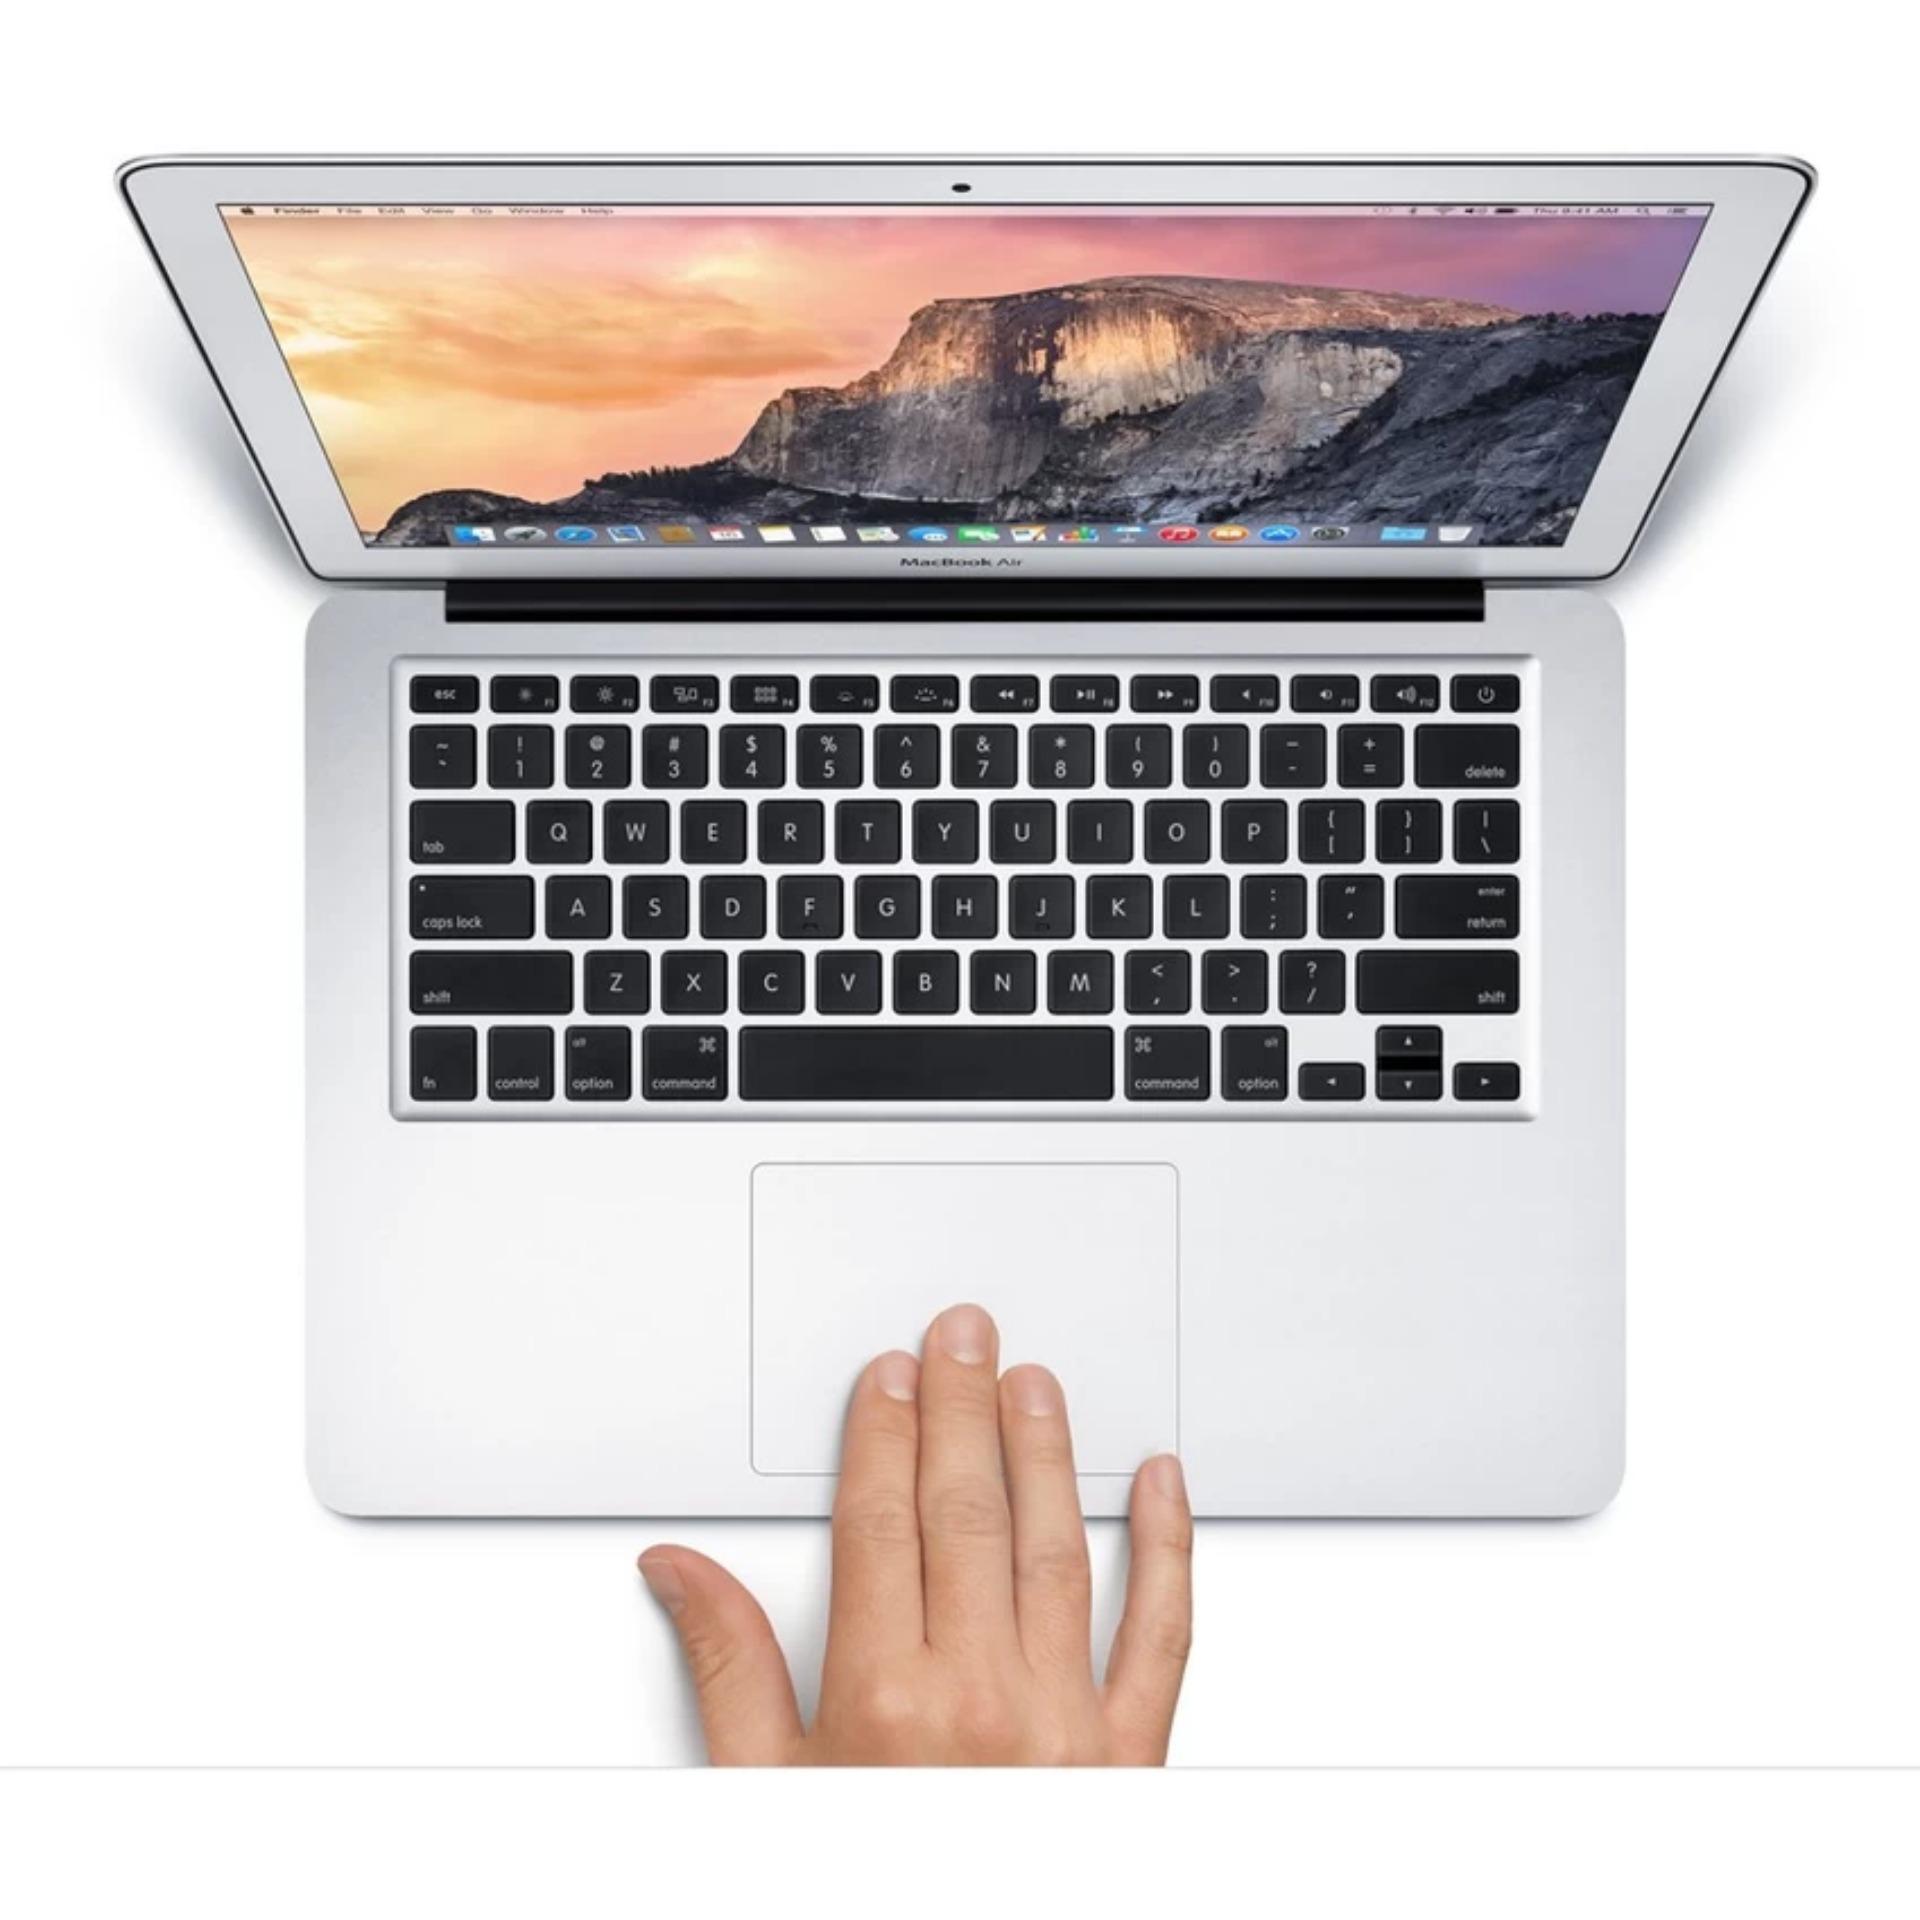 """Apple Macbook Pro Retina 15"""" MJLQ2 - Intel Core i7 - 16GB - RAM - 256 Gb SSD"""